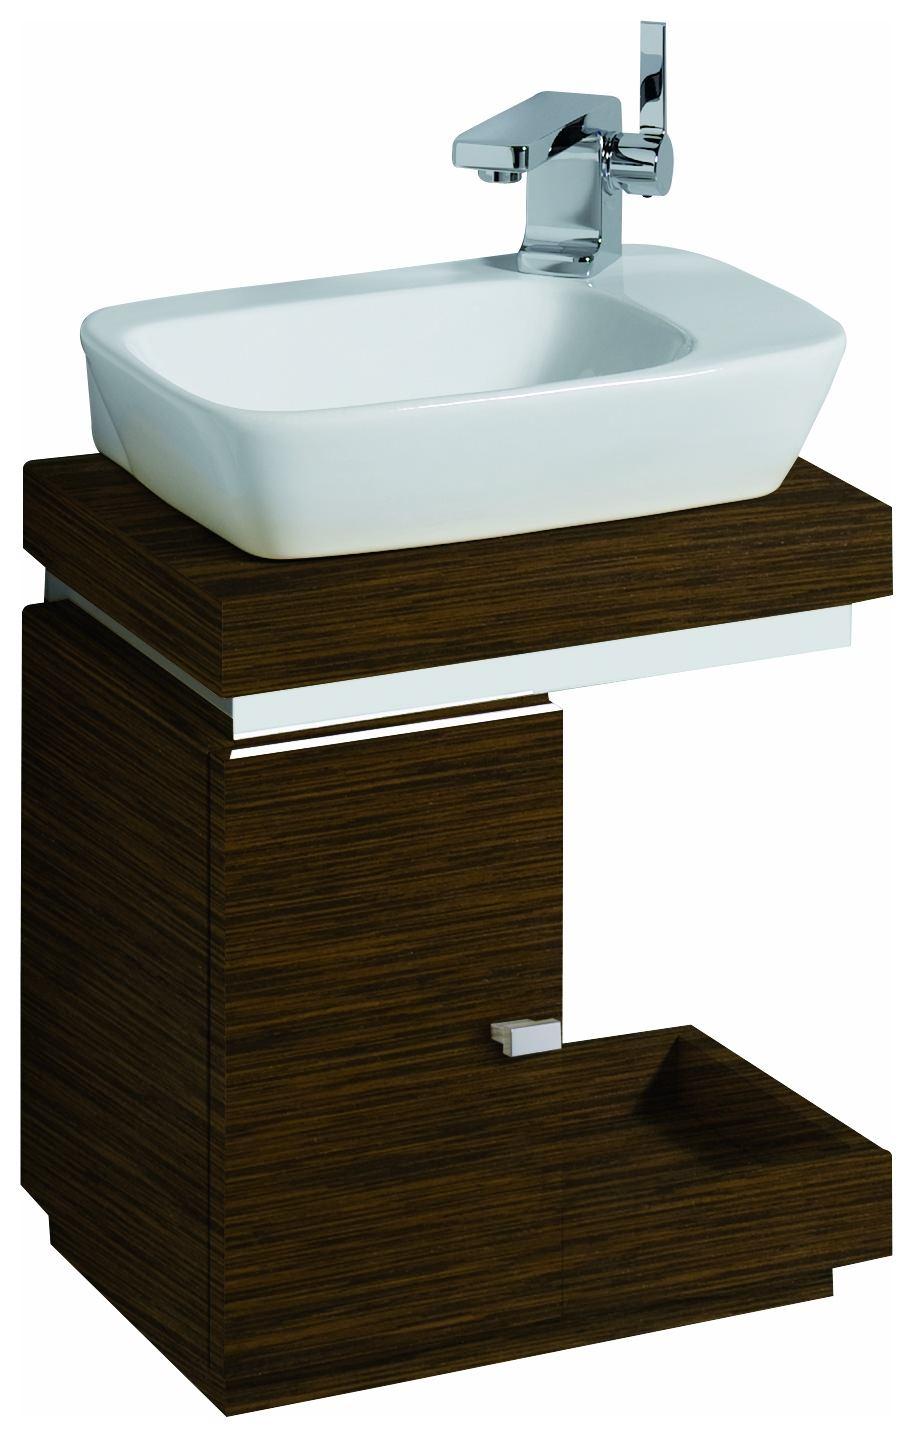 keramag silk handwaschbecken unterschrank 400x440x290mm wenge pangar echtholzfurnier 816441000. Black Bedroom Furniture Sets. Home Design Ideas